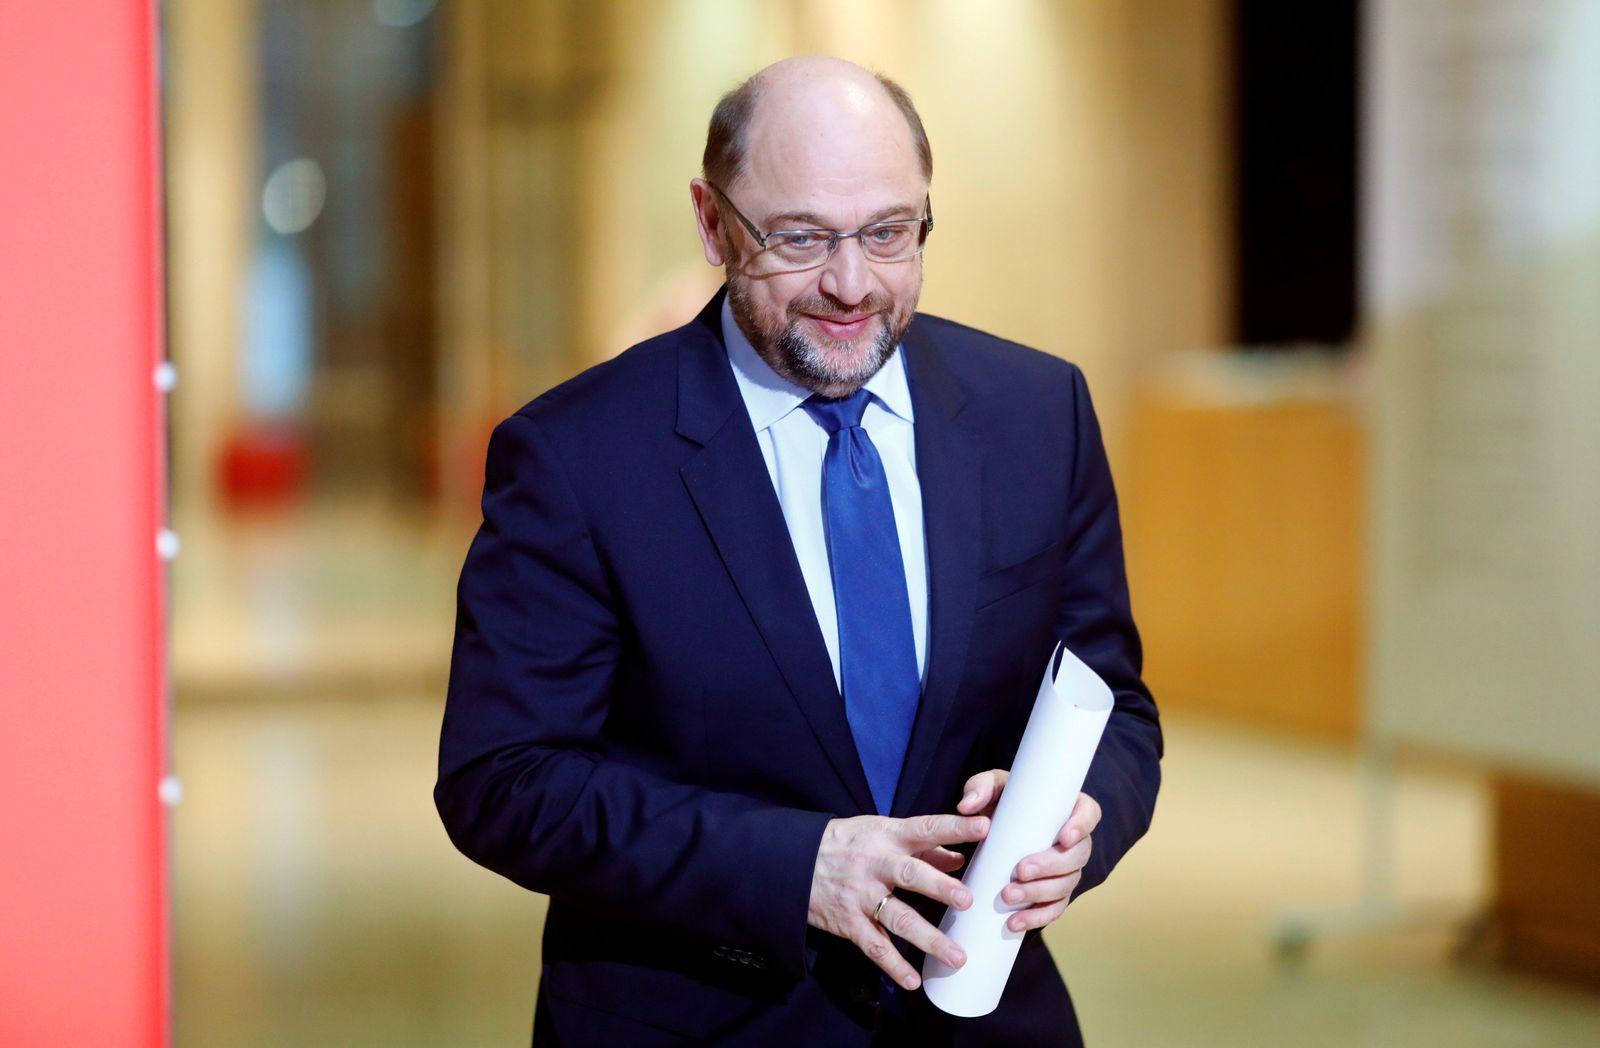 Martin Schuz